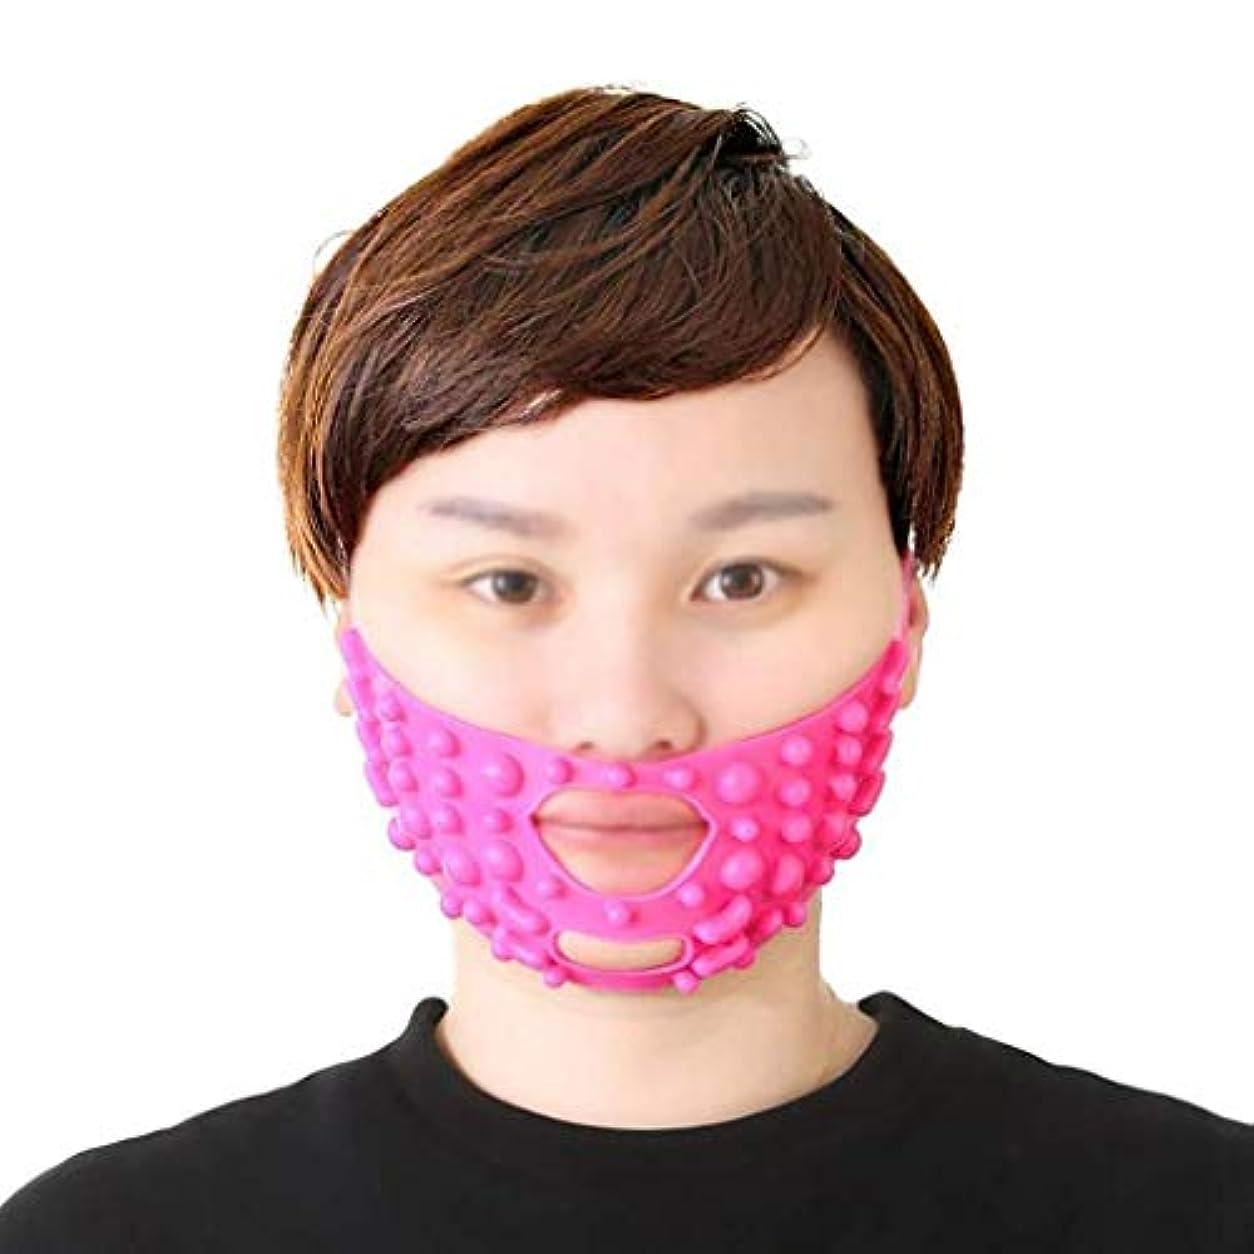 サンプルアルコーブ確かめるフェイスリフトマスク、チンストラップシリコーンVフェイスマスクフェイスマスク強力な包帯V顔アーティファクトスモールV顔包帯顔と首リフトピンクシリコーン包帯